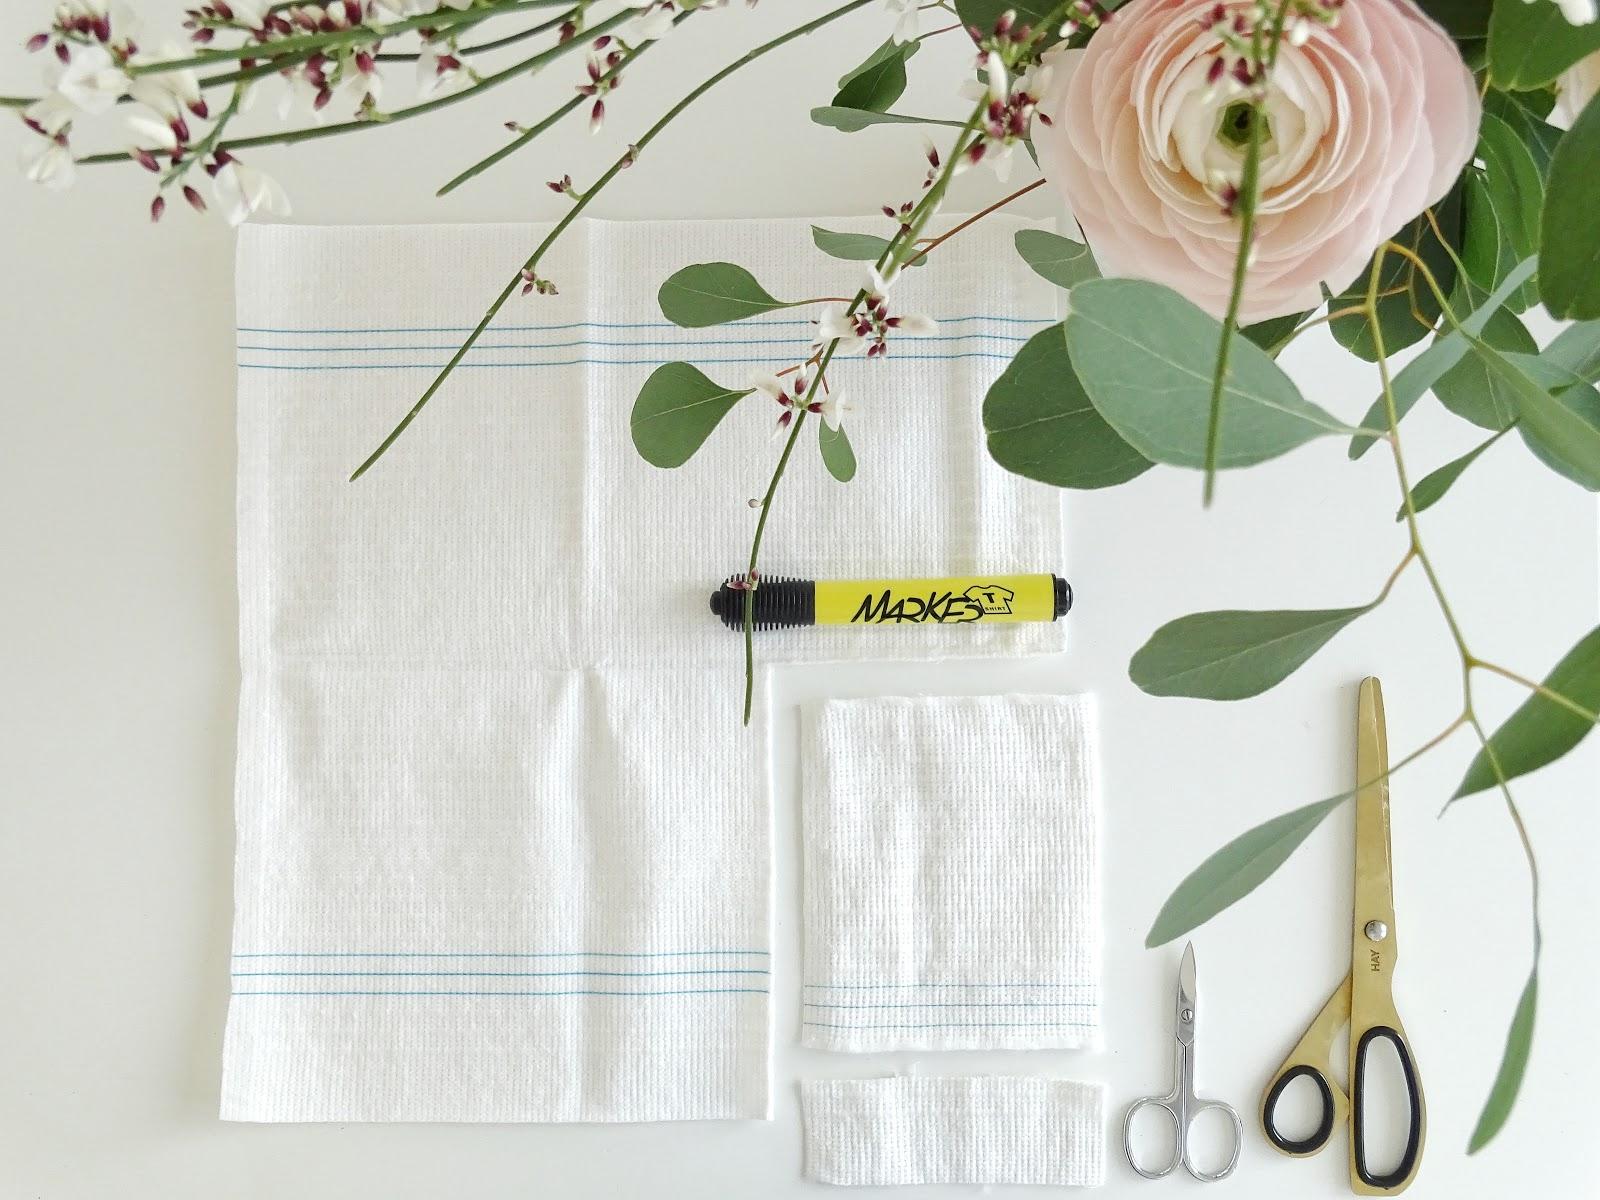 iDIY-Untersetzer aus Putztüchern im Stil von Mini-Ben-Ourain-Teppichen - waschbar, praktisch und trendig | Fotoaktion #12von12 und 1 Tag in 12 Bildern | https://mammilade.blogspot.de